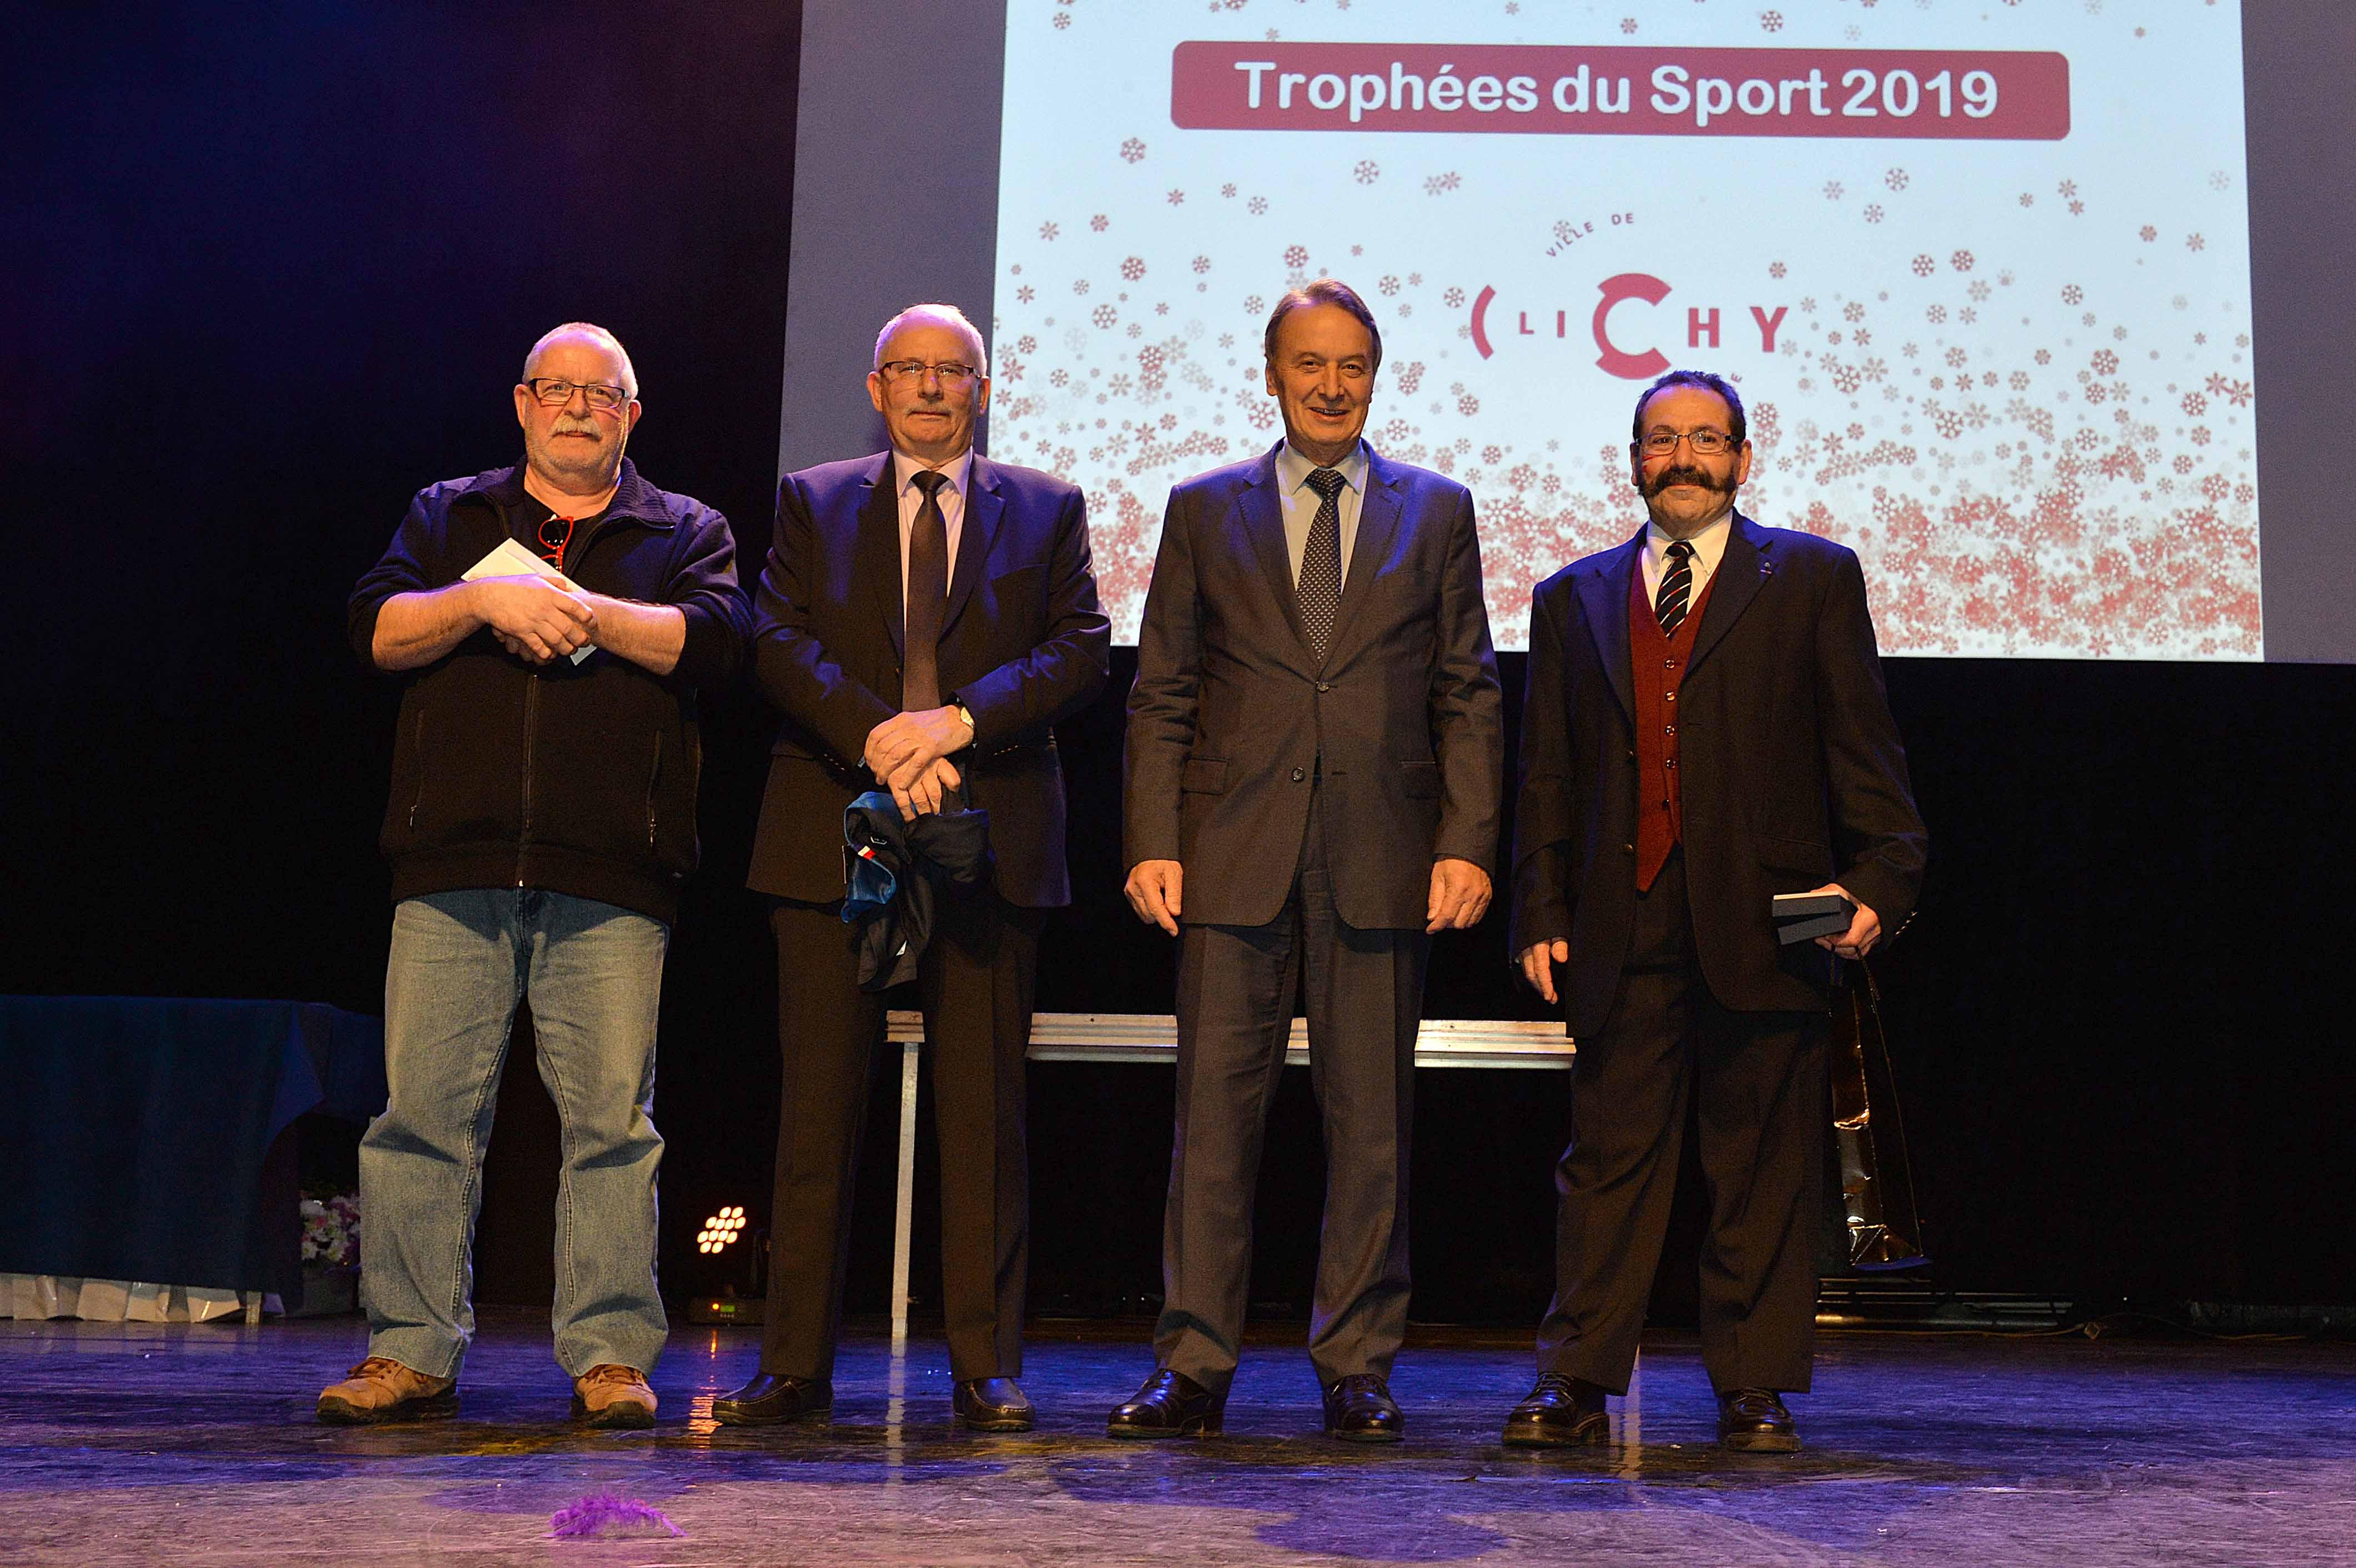 Le CLIP récompensé aux Trophées du Sport 2019 !